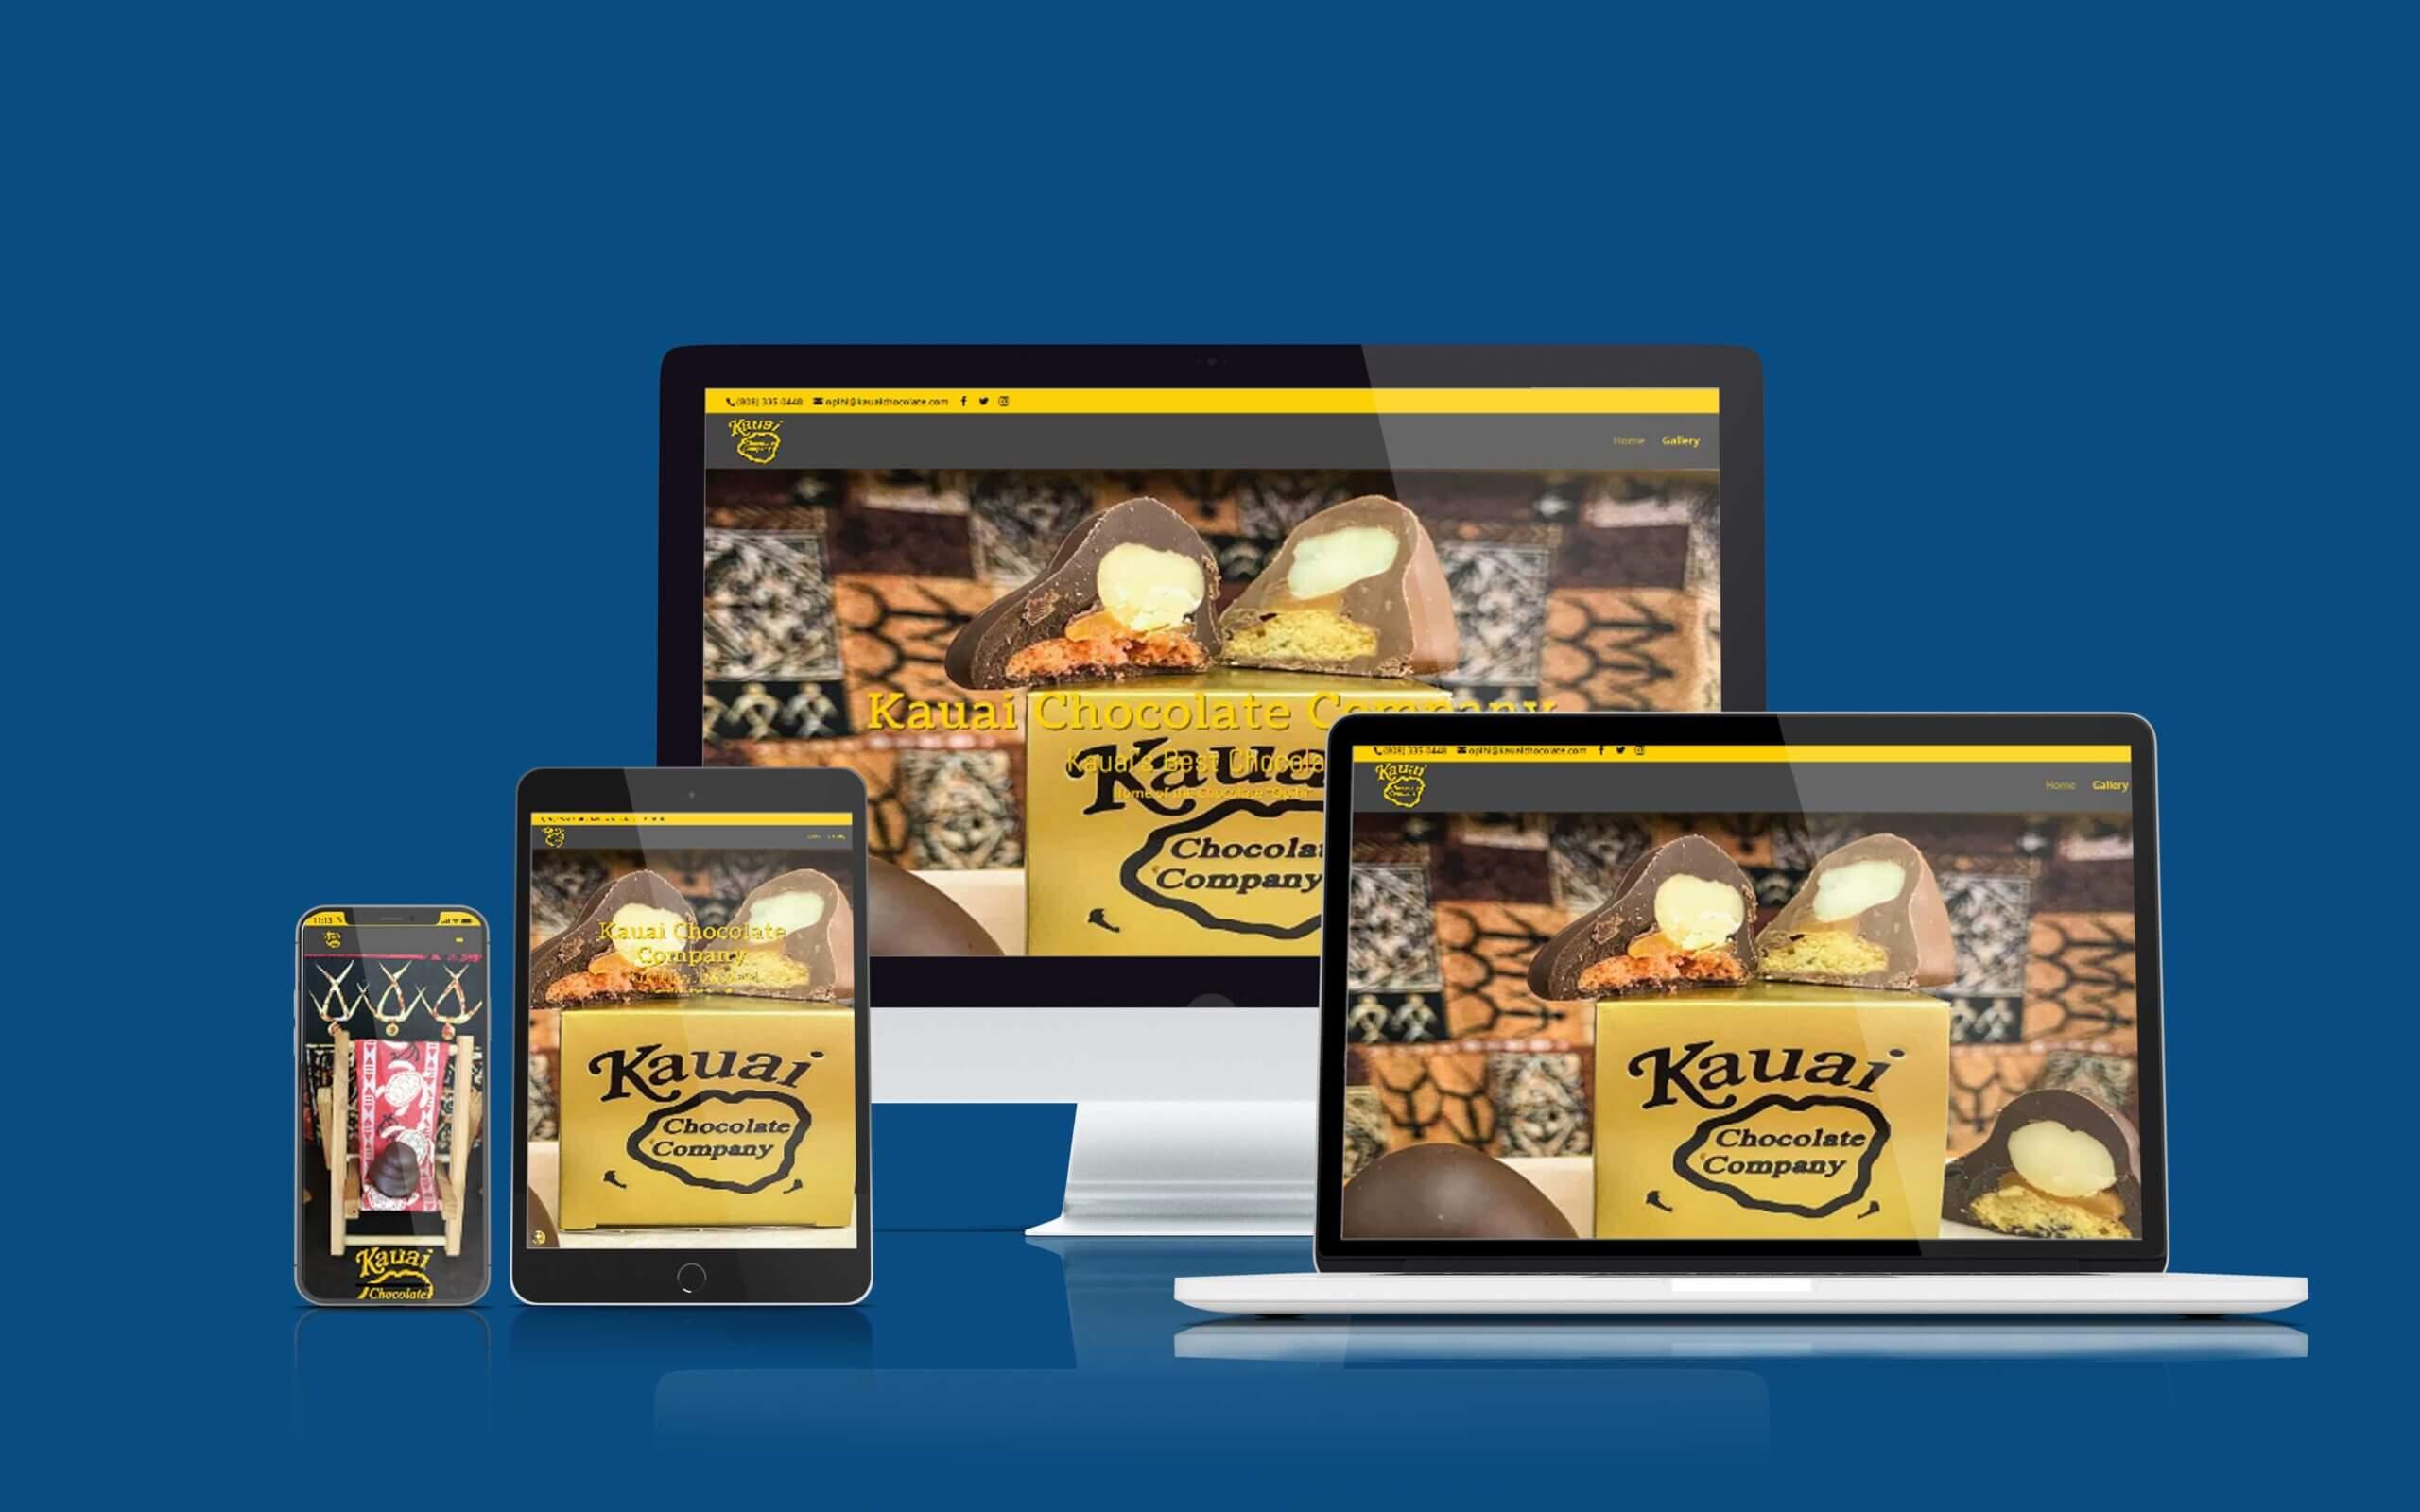 Recent Shaka Web Design Services Website Build - Kauai Chocolate Company